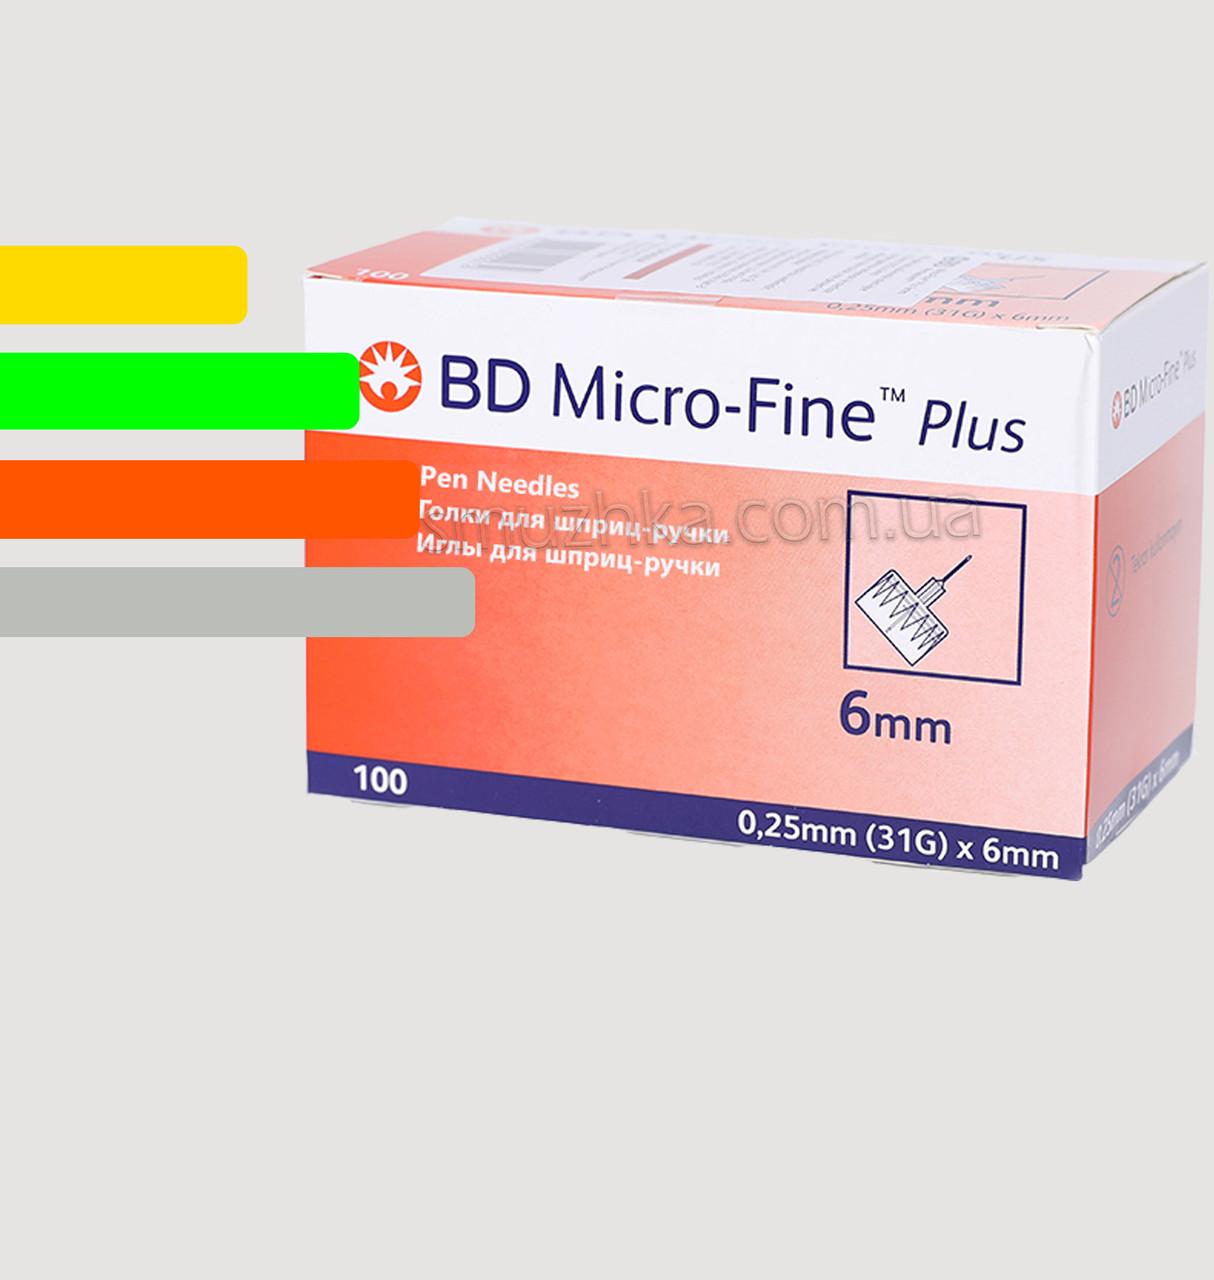 Иглы инсулиновые Микрофайн Плюс 6мм-BD Micro-Fine Plus